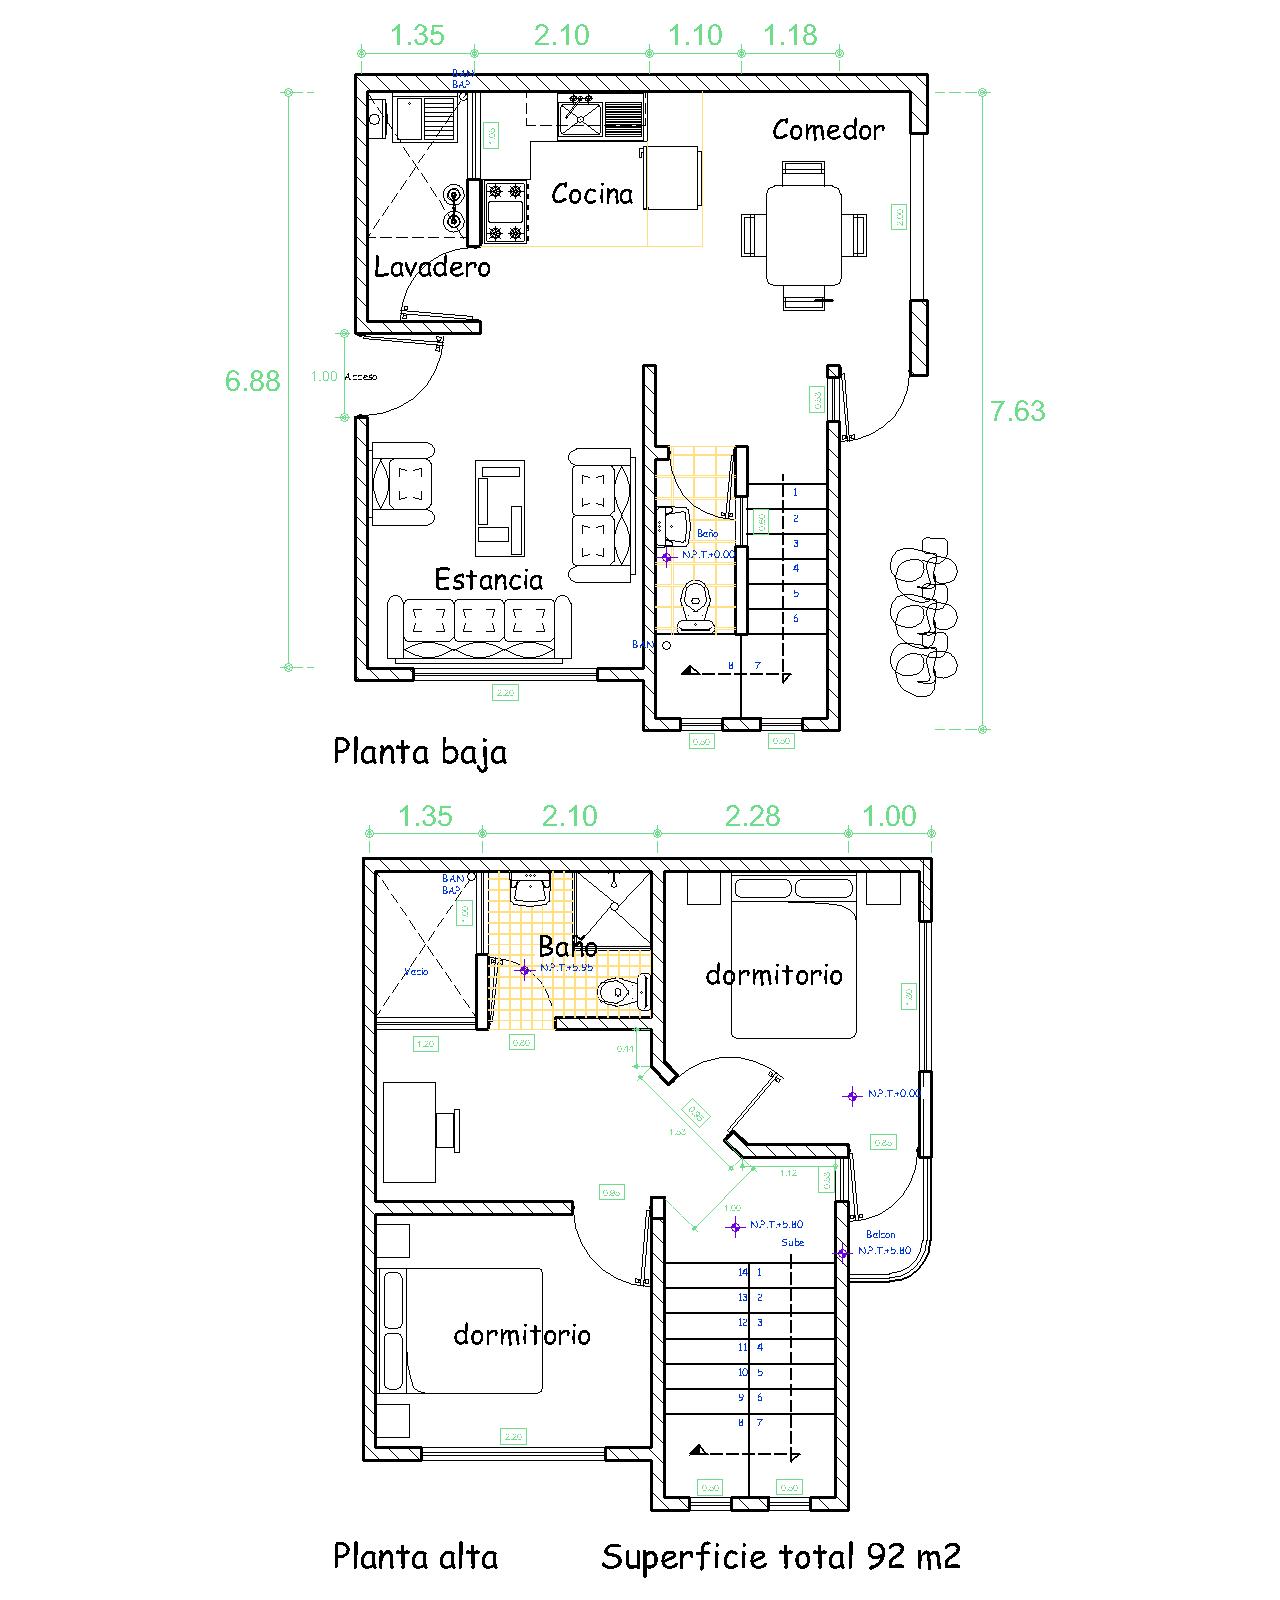 Arquitectura y dise o plano de una casa de 92 m2 - Diseno de planos de casas ...